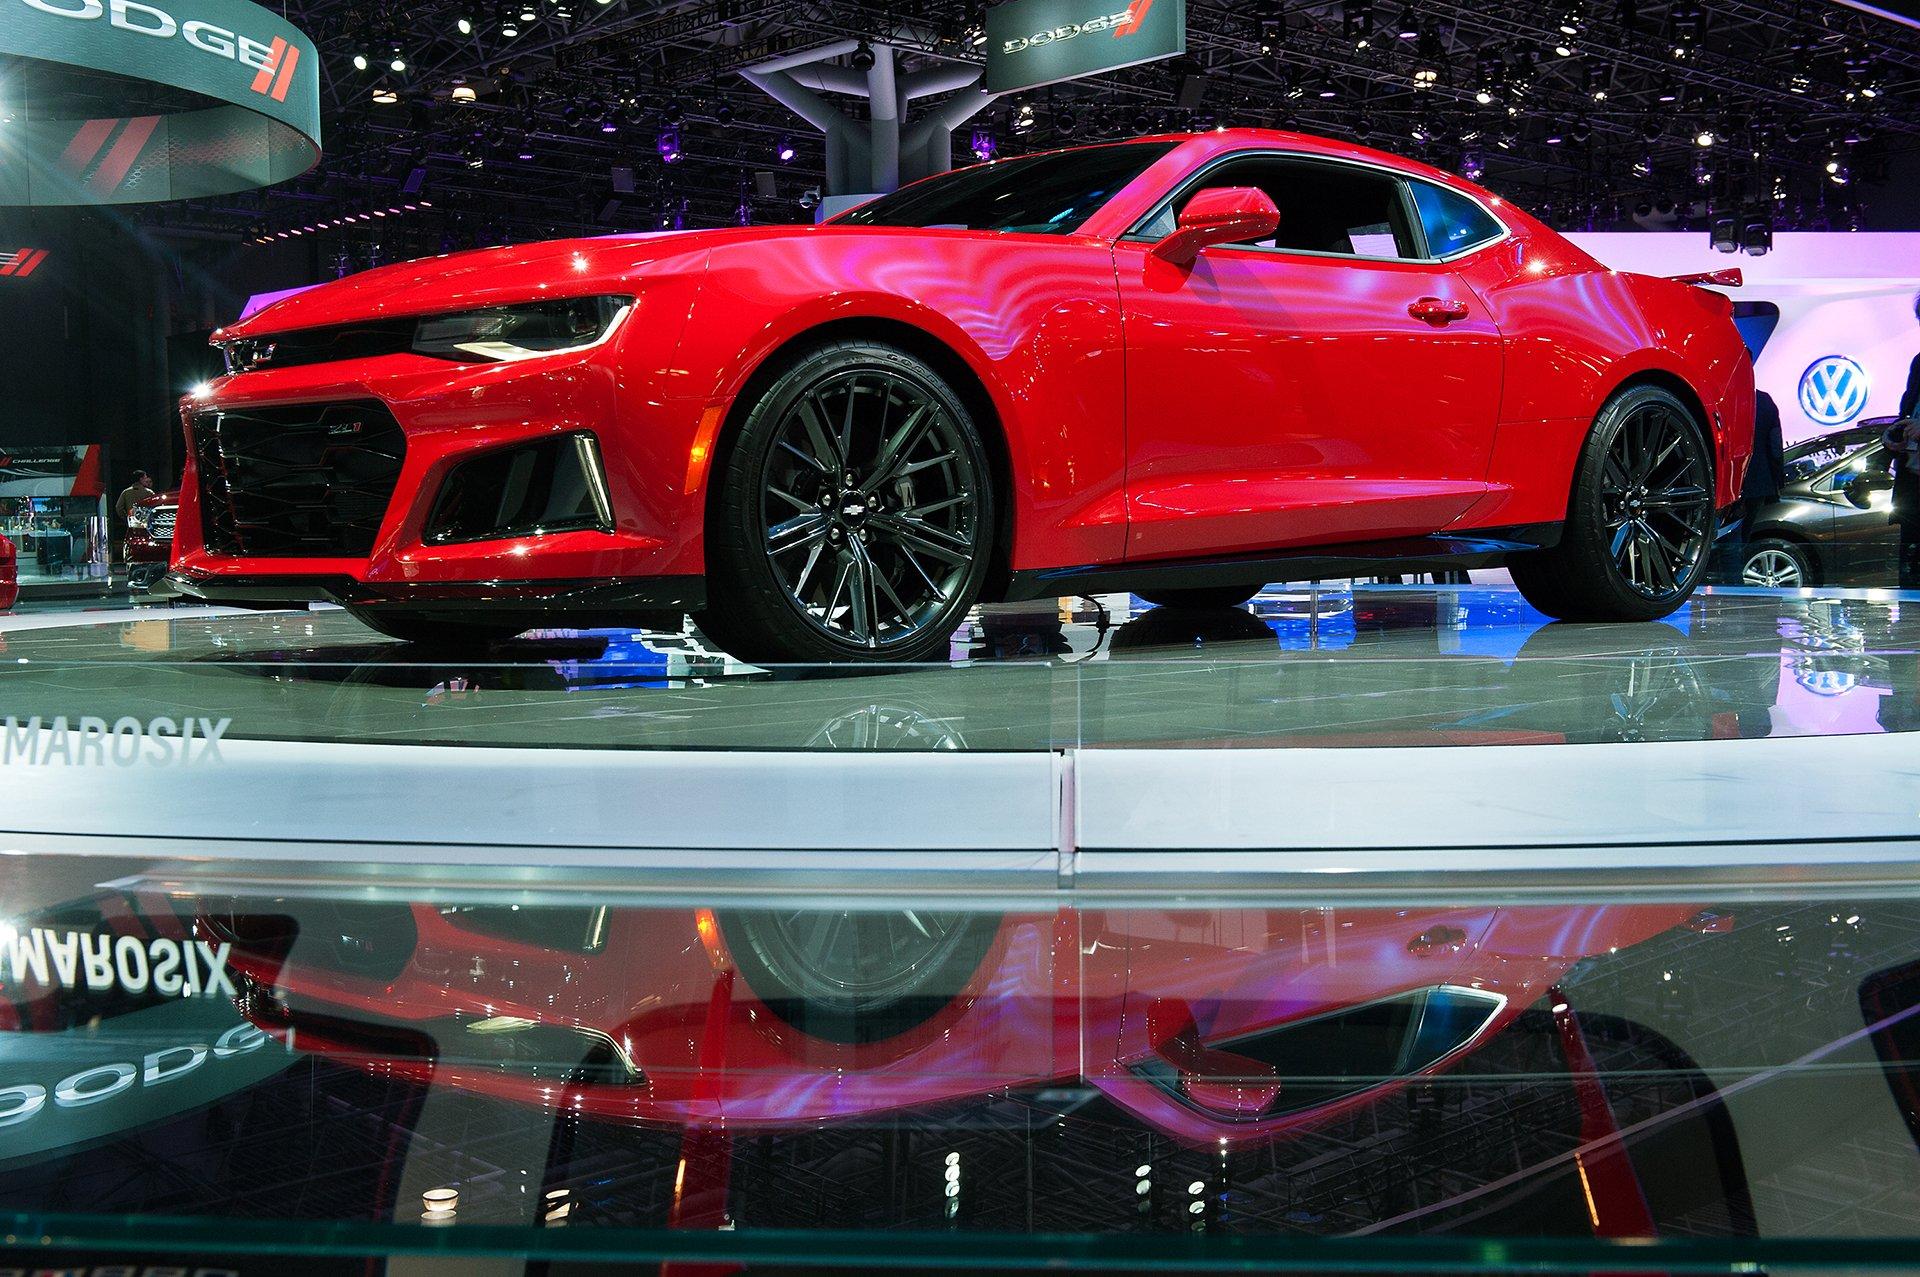 ChevroletCamaro ZL1 2017, cuenta con un motor V8 que genera 640 caballos de fuerza